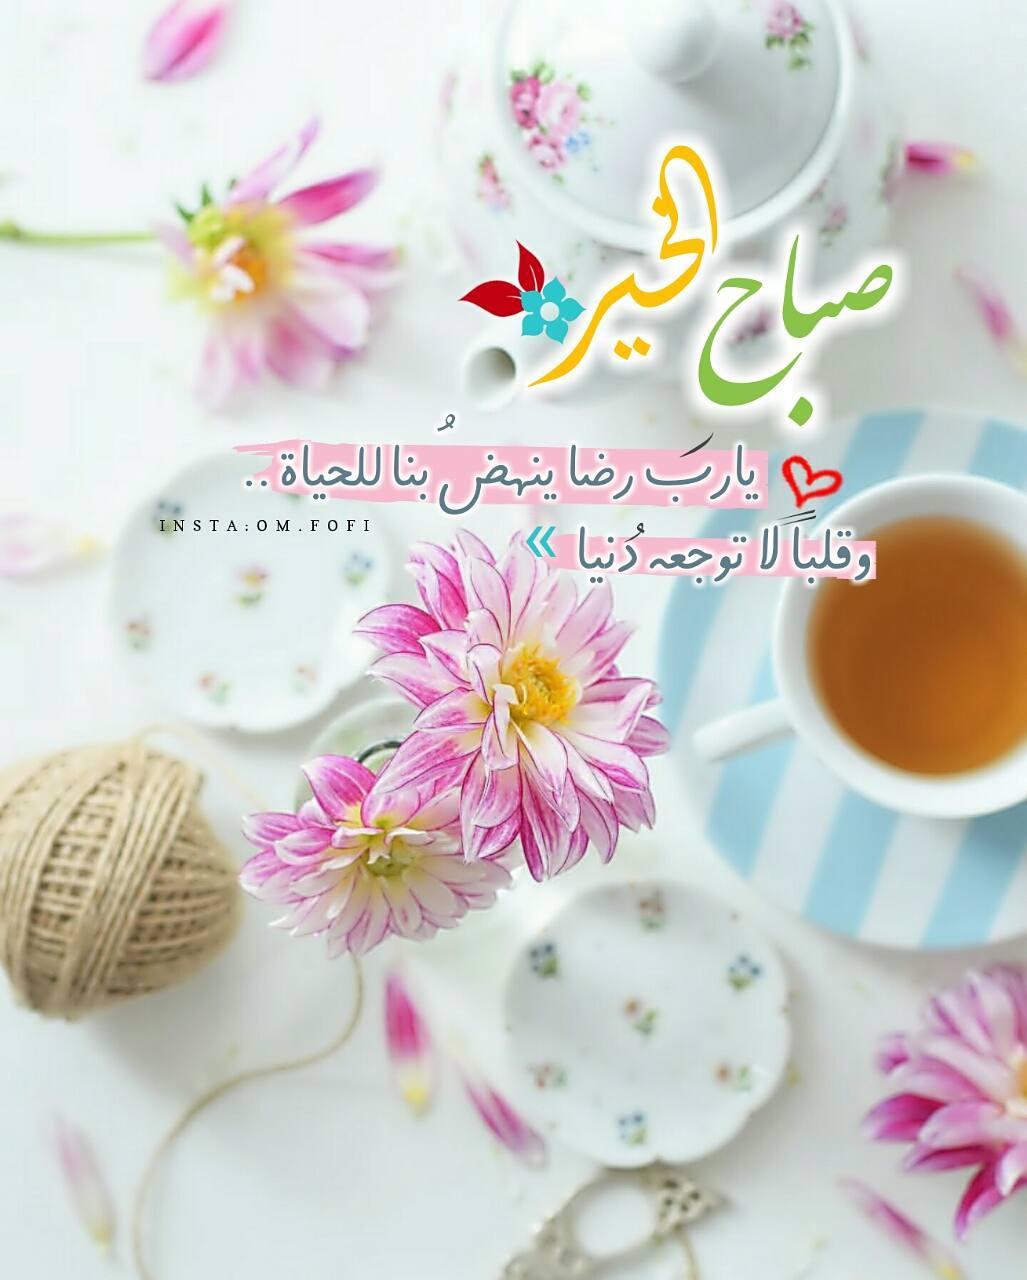 بالصور ادعية صباحية , دعا ء الصباح المبارك 1410 10